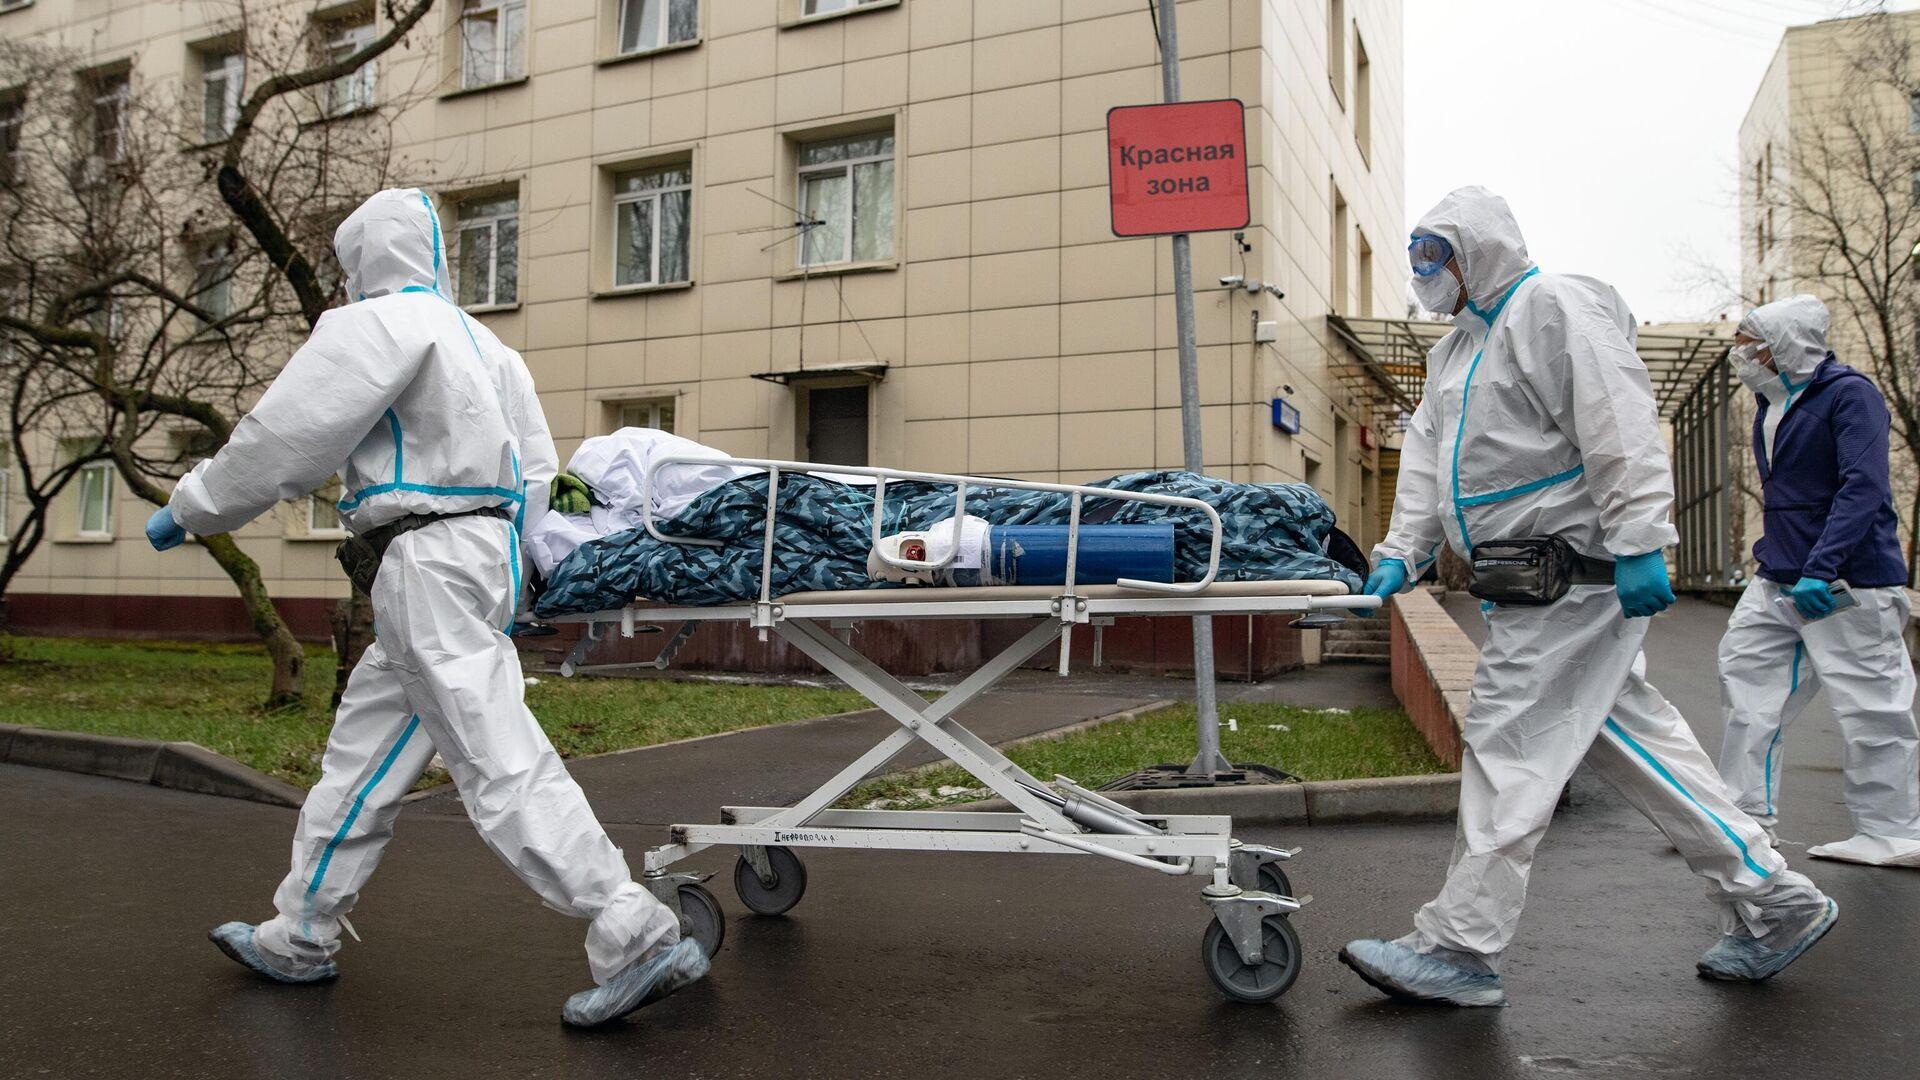 Медицинские работники транспортируют пациента в красную зону госпиталя COVID-19 в городской клинической больнице № 52 в Москве - РИА Новости, 1920, 04.12.2020